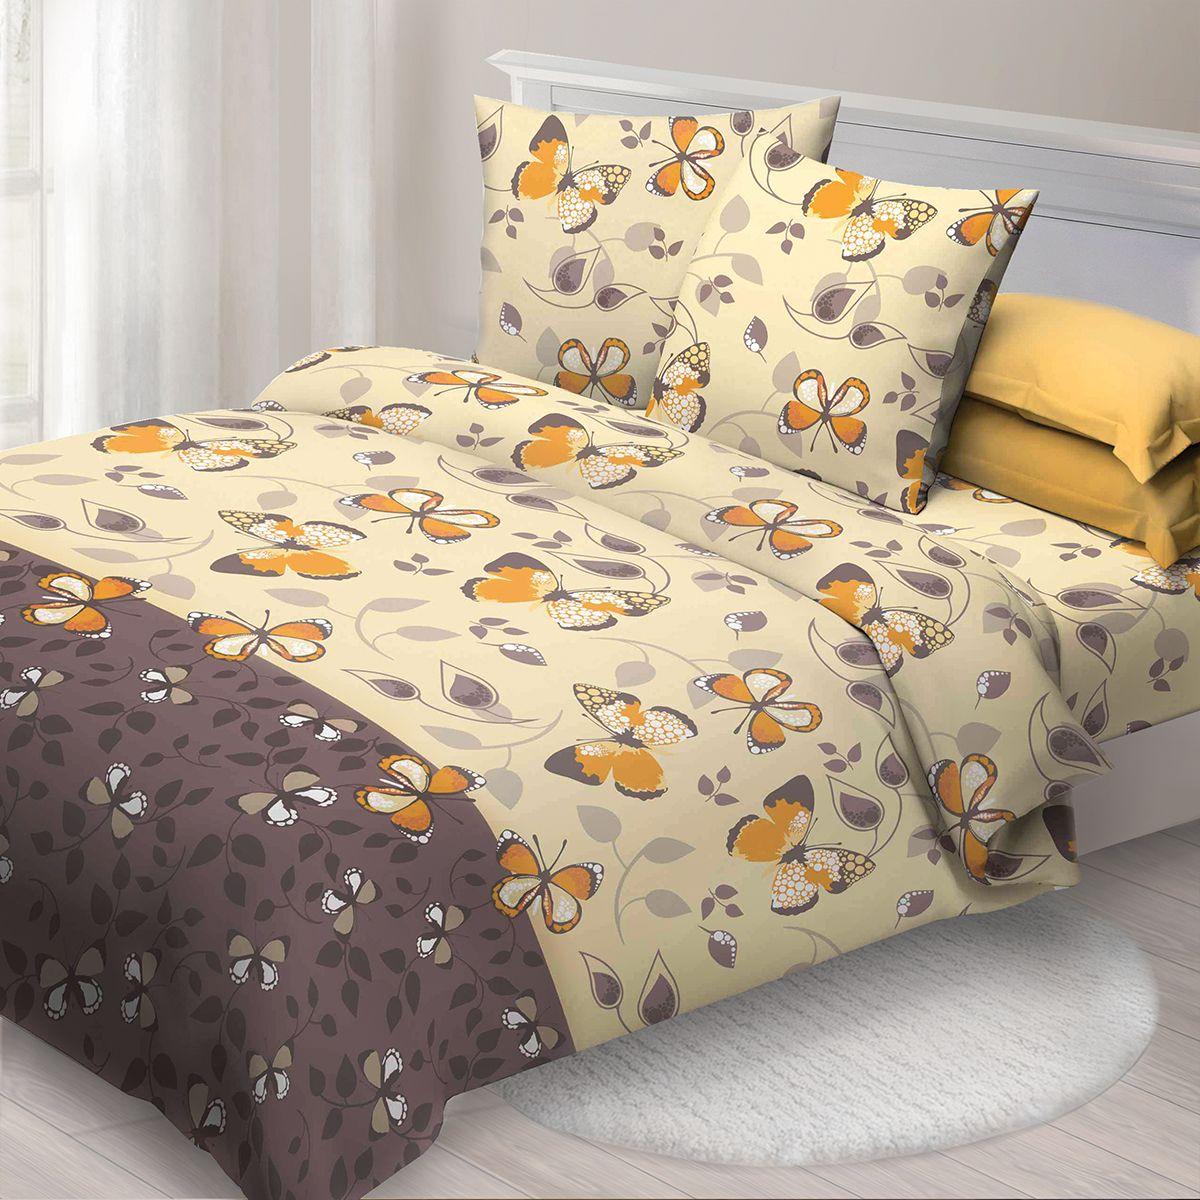 Комплект белья Спал Спалыч Фарфалла, 1,5 спальное, наволочки 70x70, цвет: желтый. 4079-182439